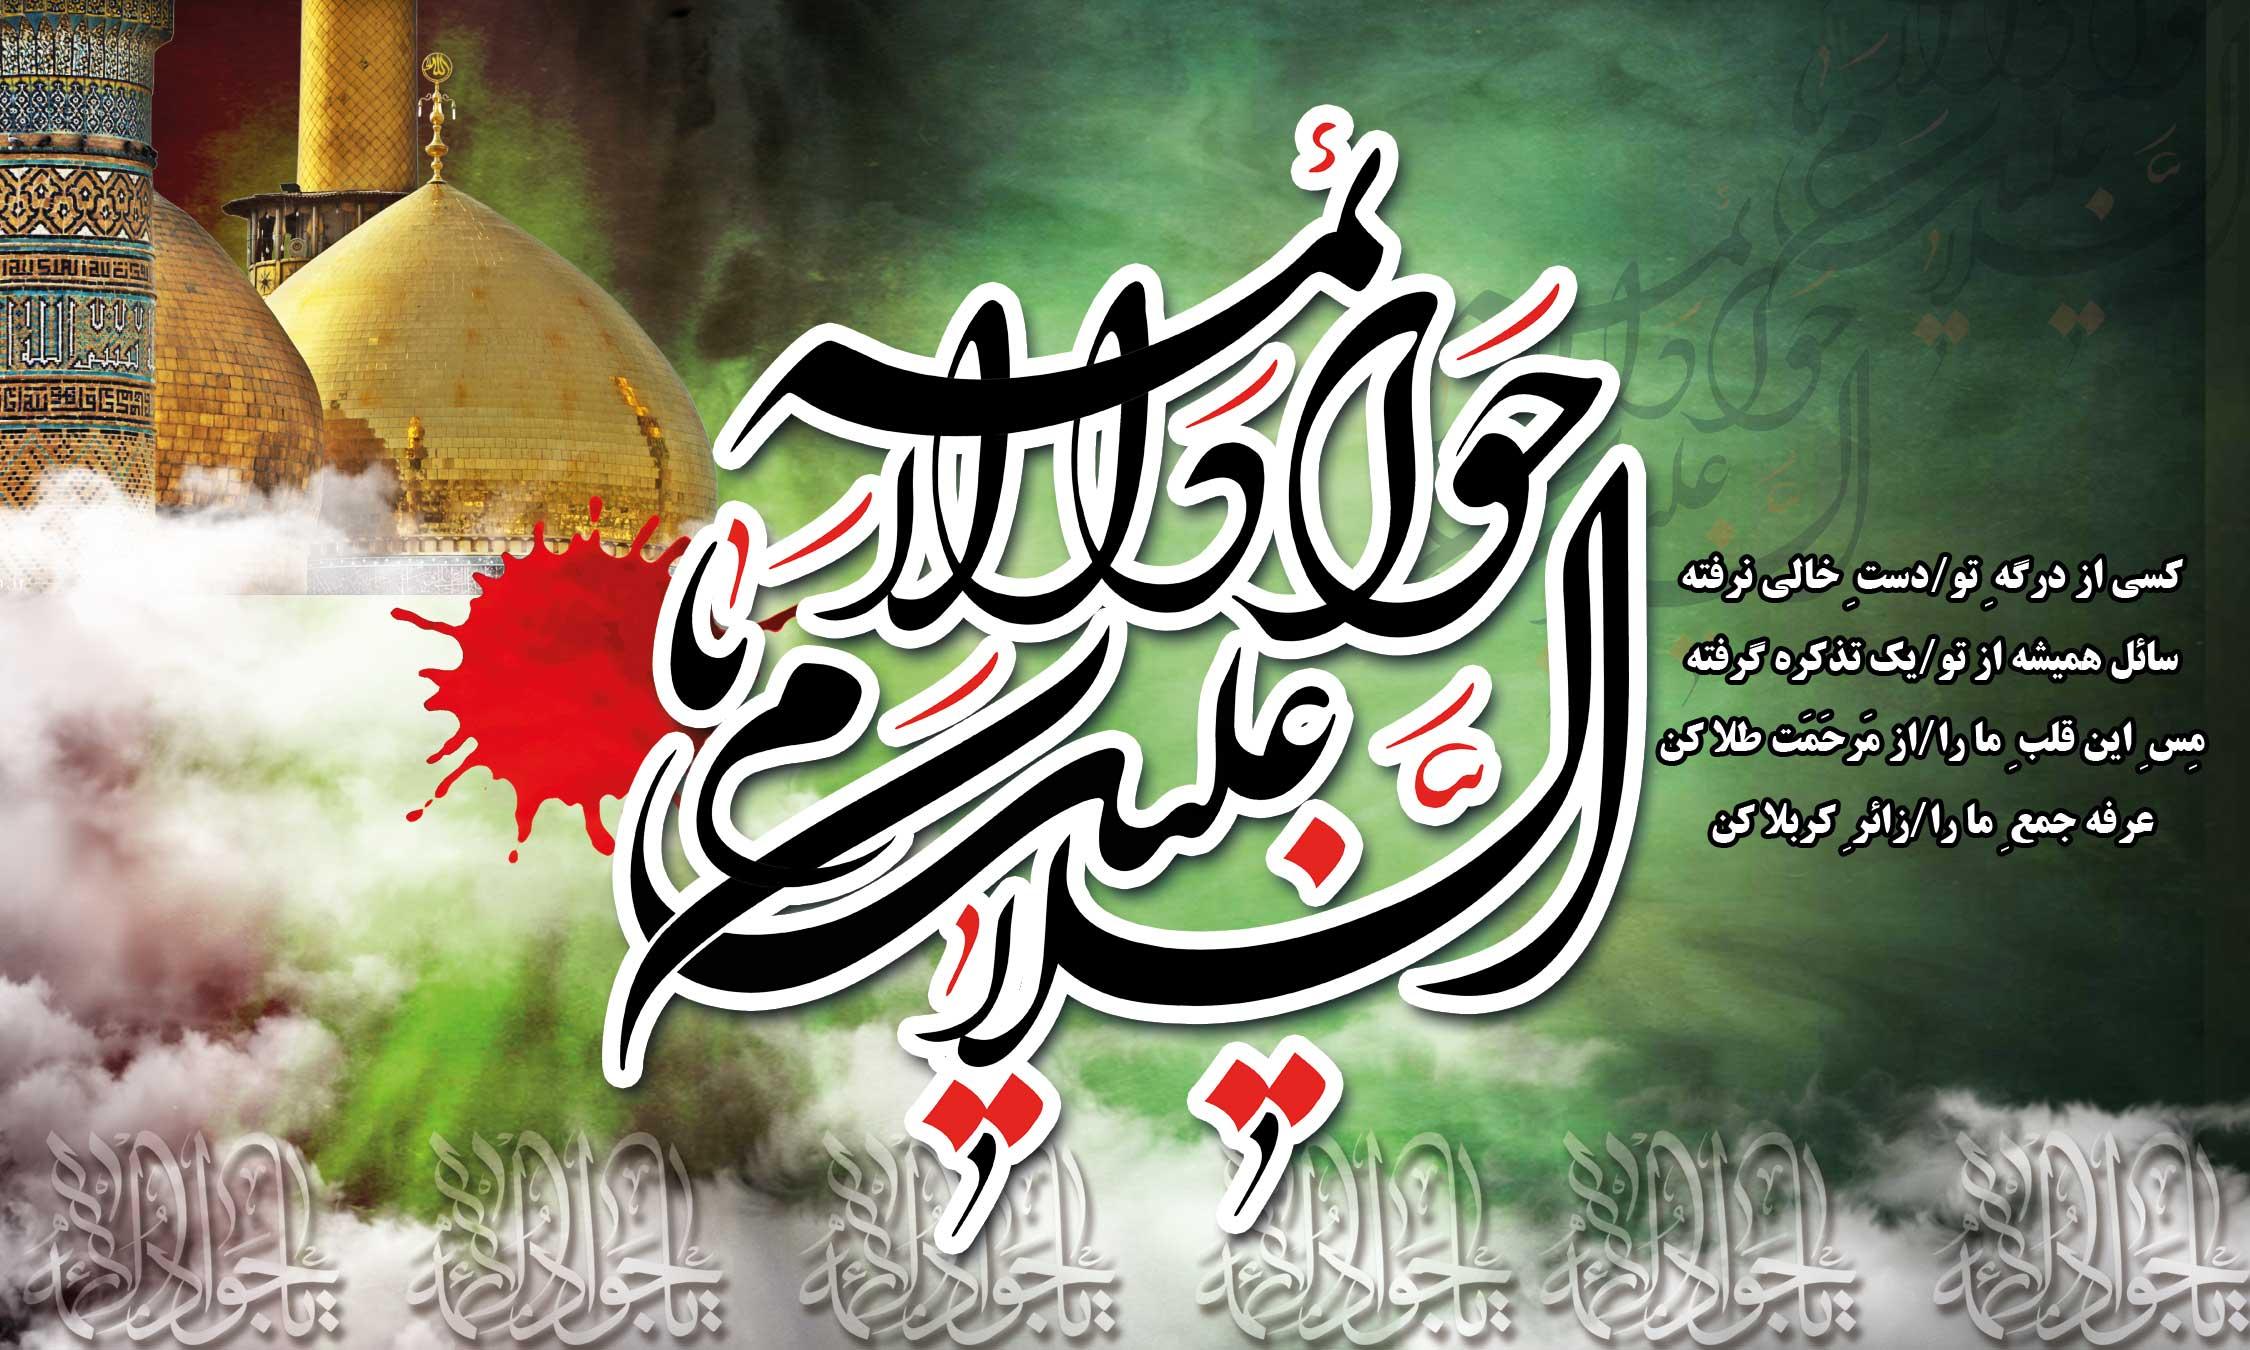 عکس نوشته از شهادت امام جواد علیه السلام